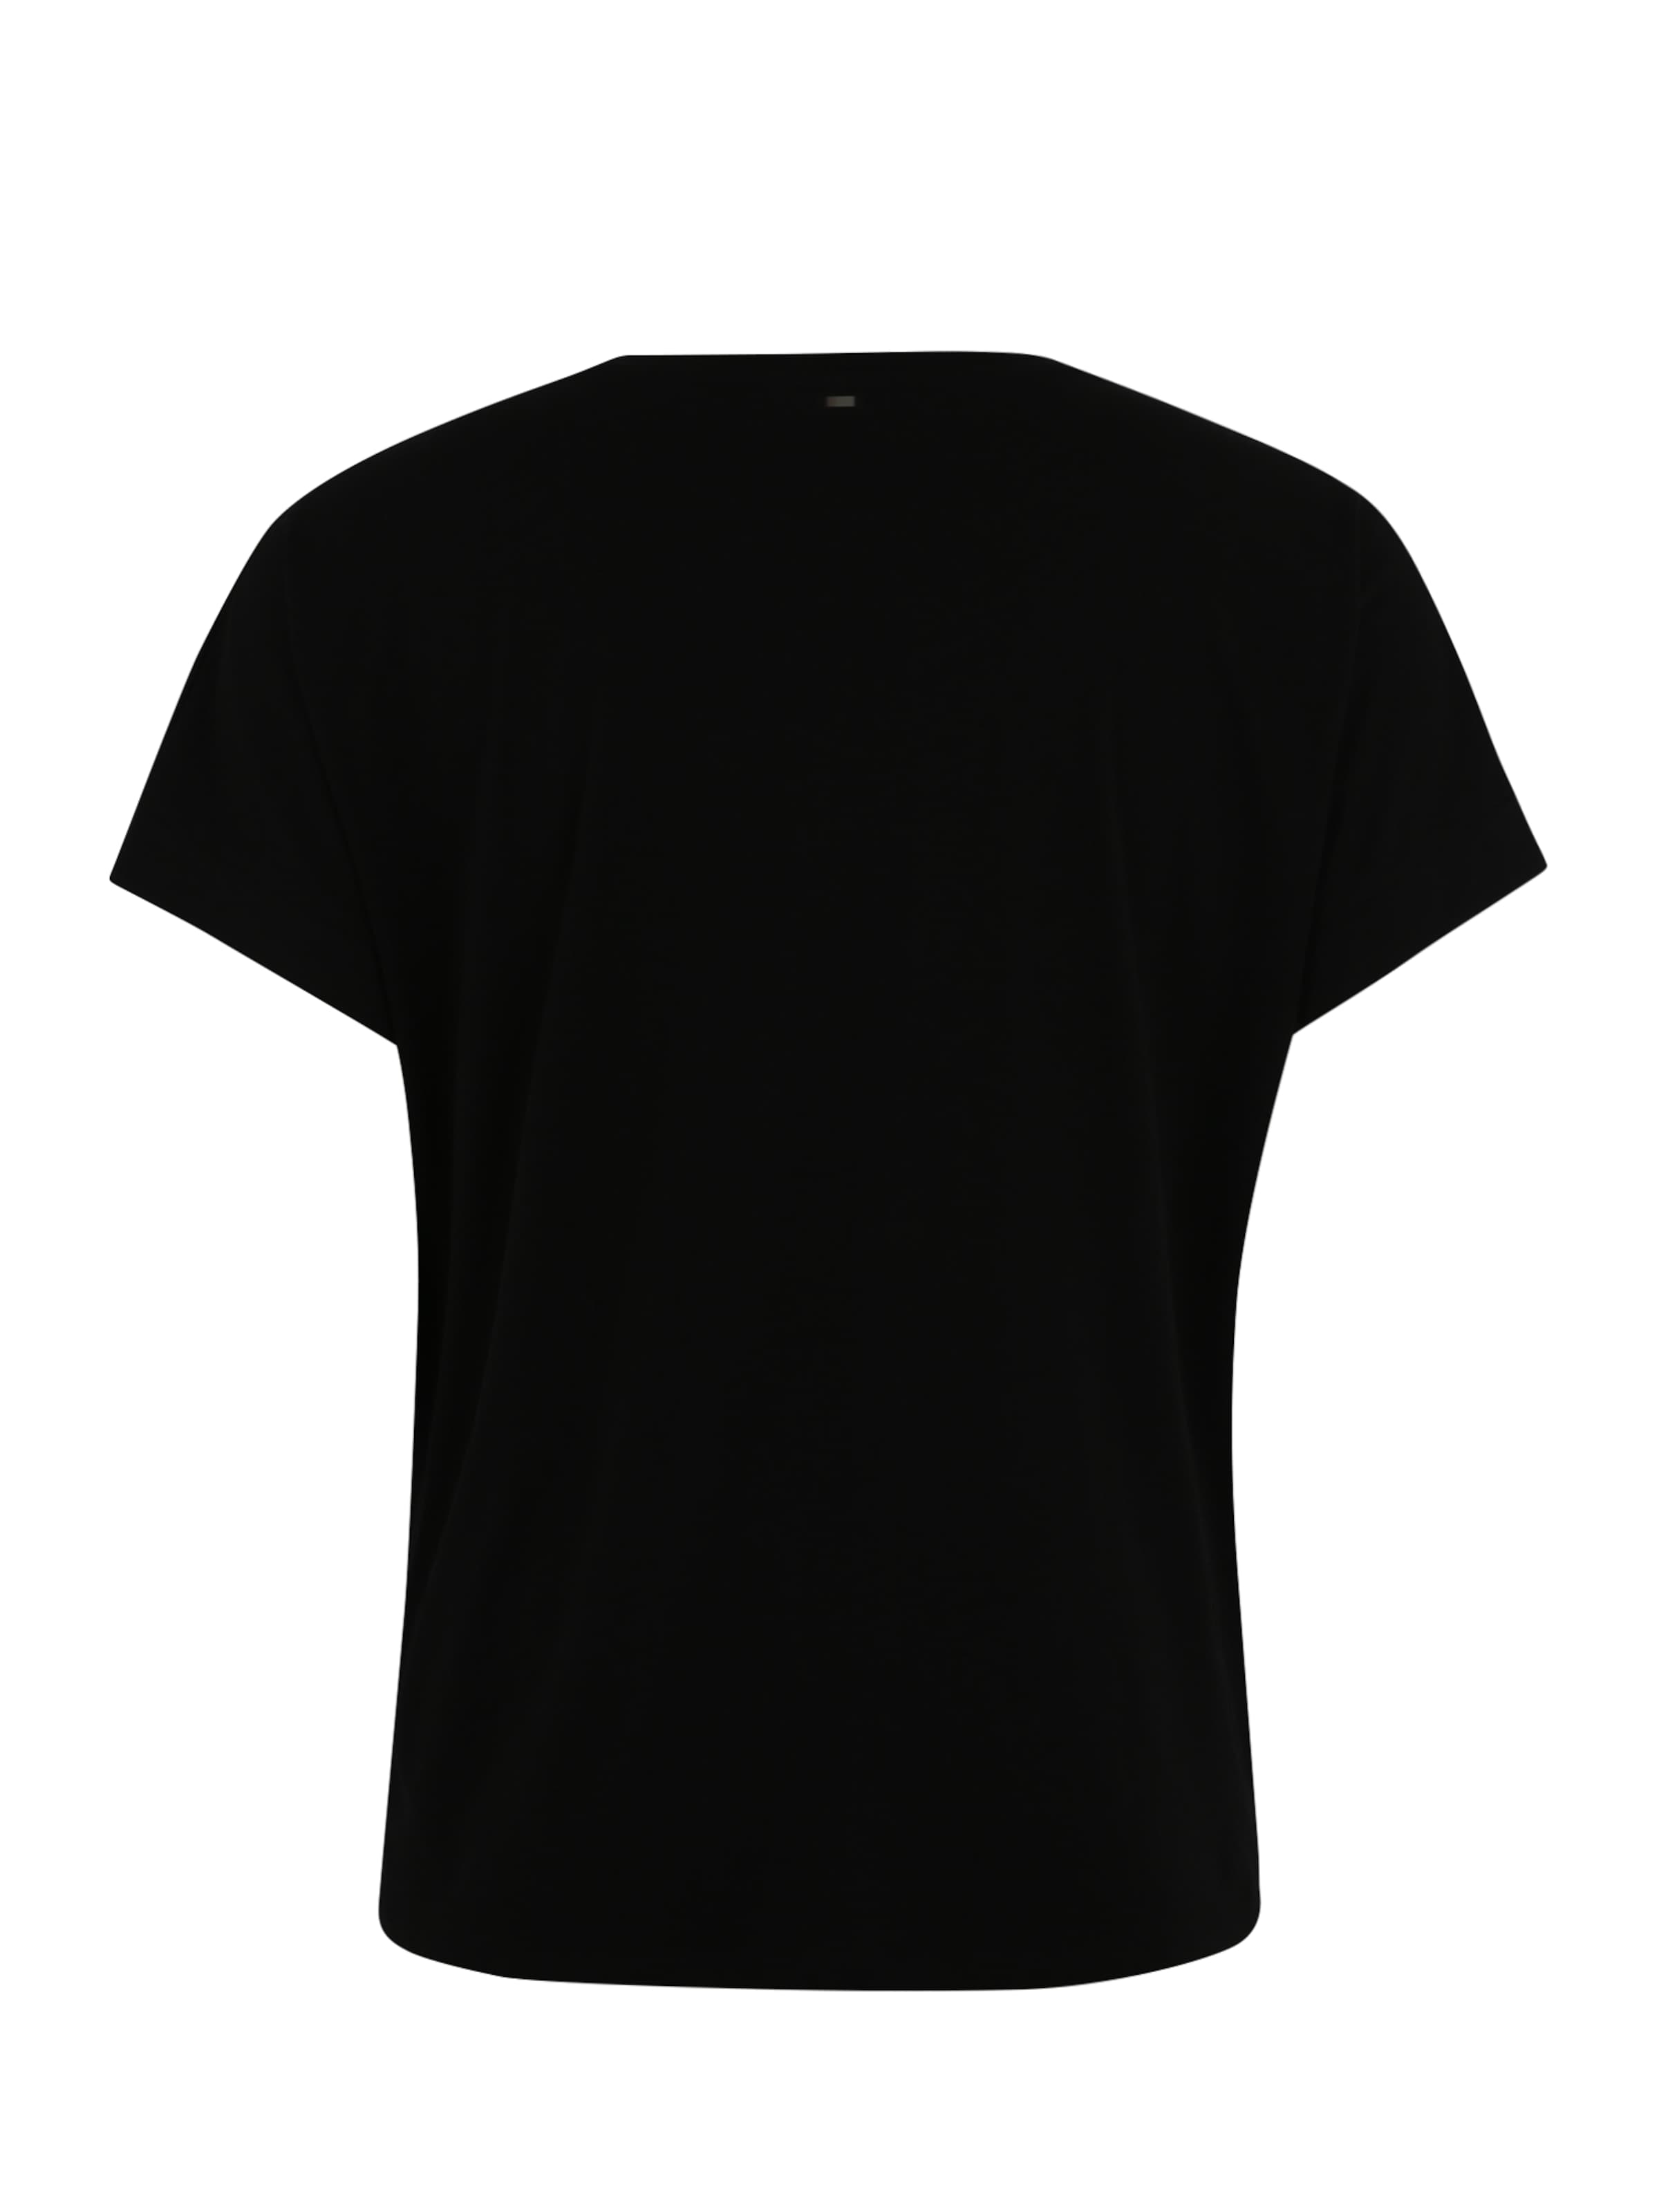 Schwarz In Shirt Shirt Schwarz Triangle In In Triangle Schwarz Shirt Triangle uwkTXOiPZ